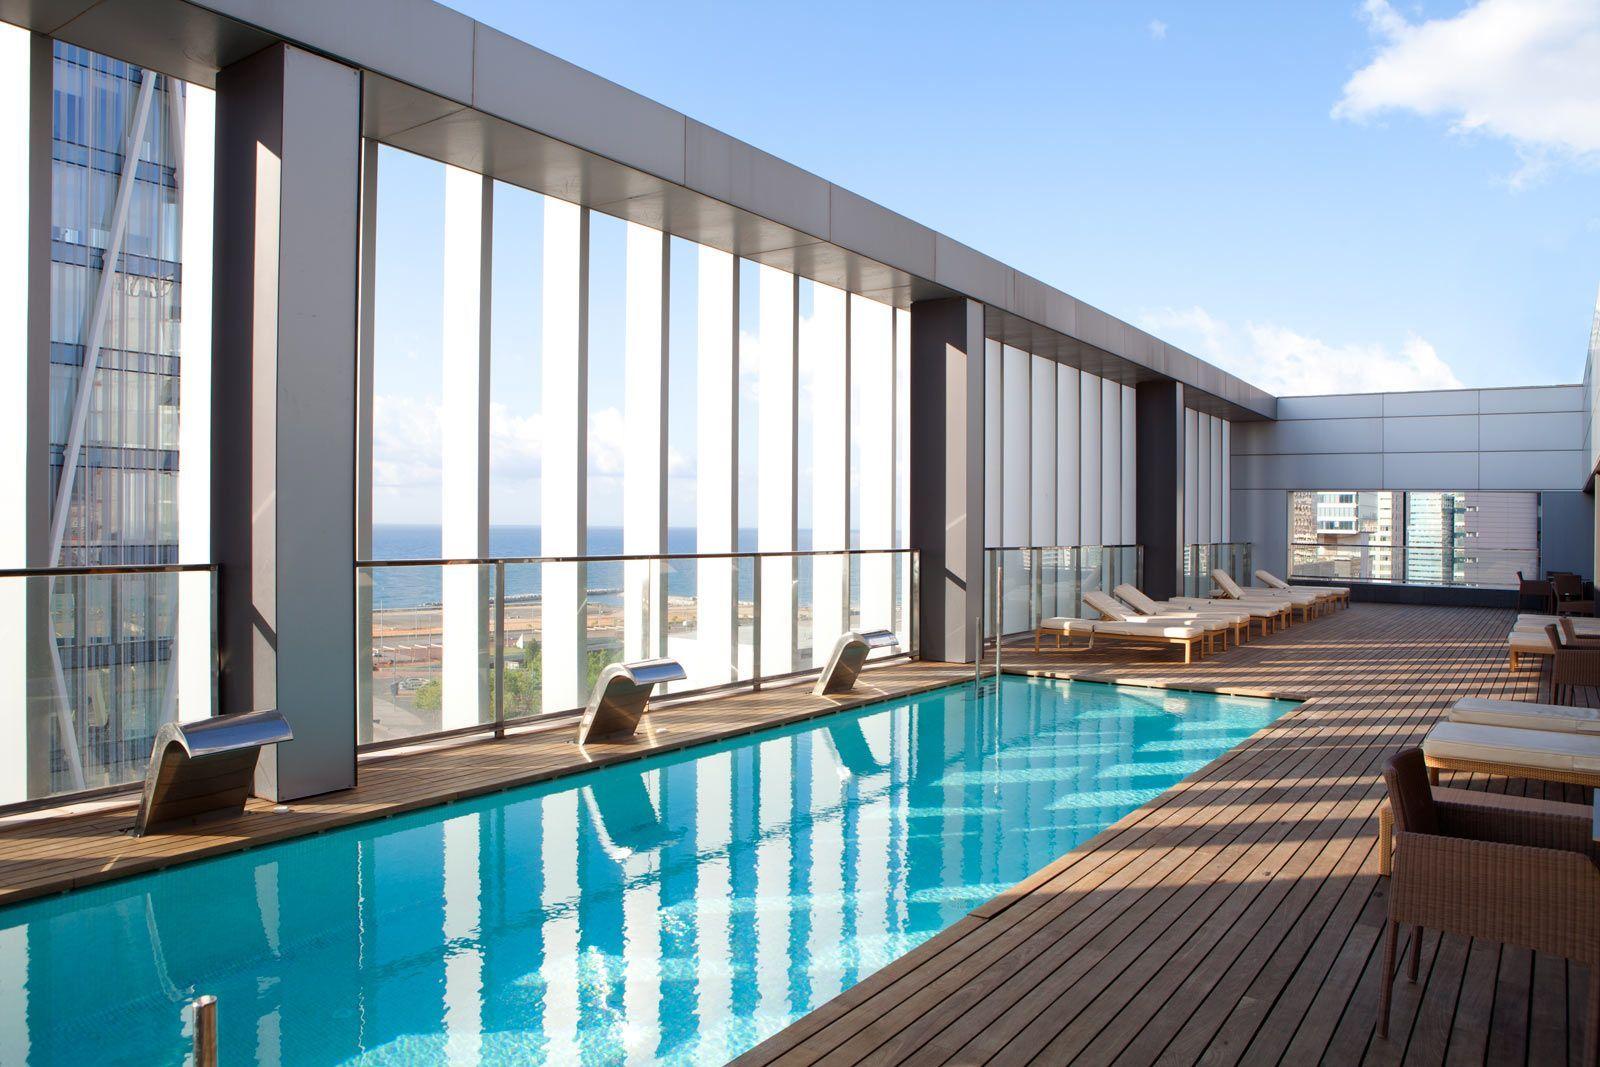 Terrazas de altura en barcelona terrazeo - Hotel piscina barcellona ...